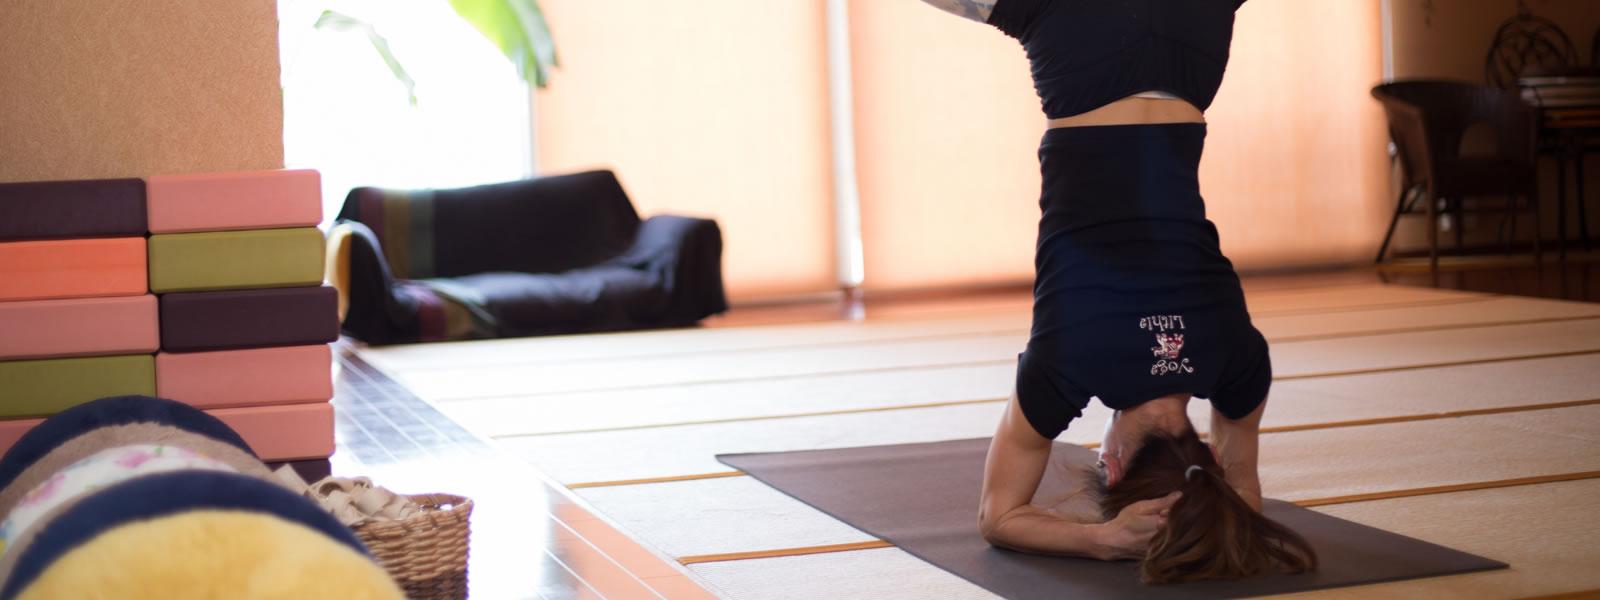 Yoga Lithiaの画像